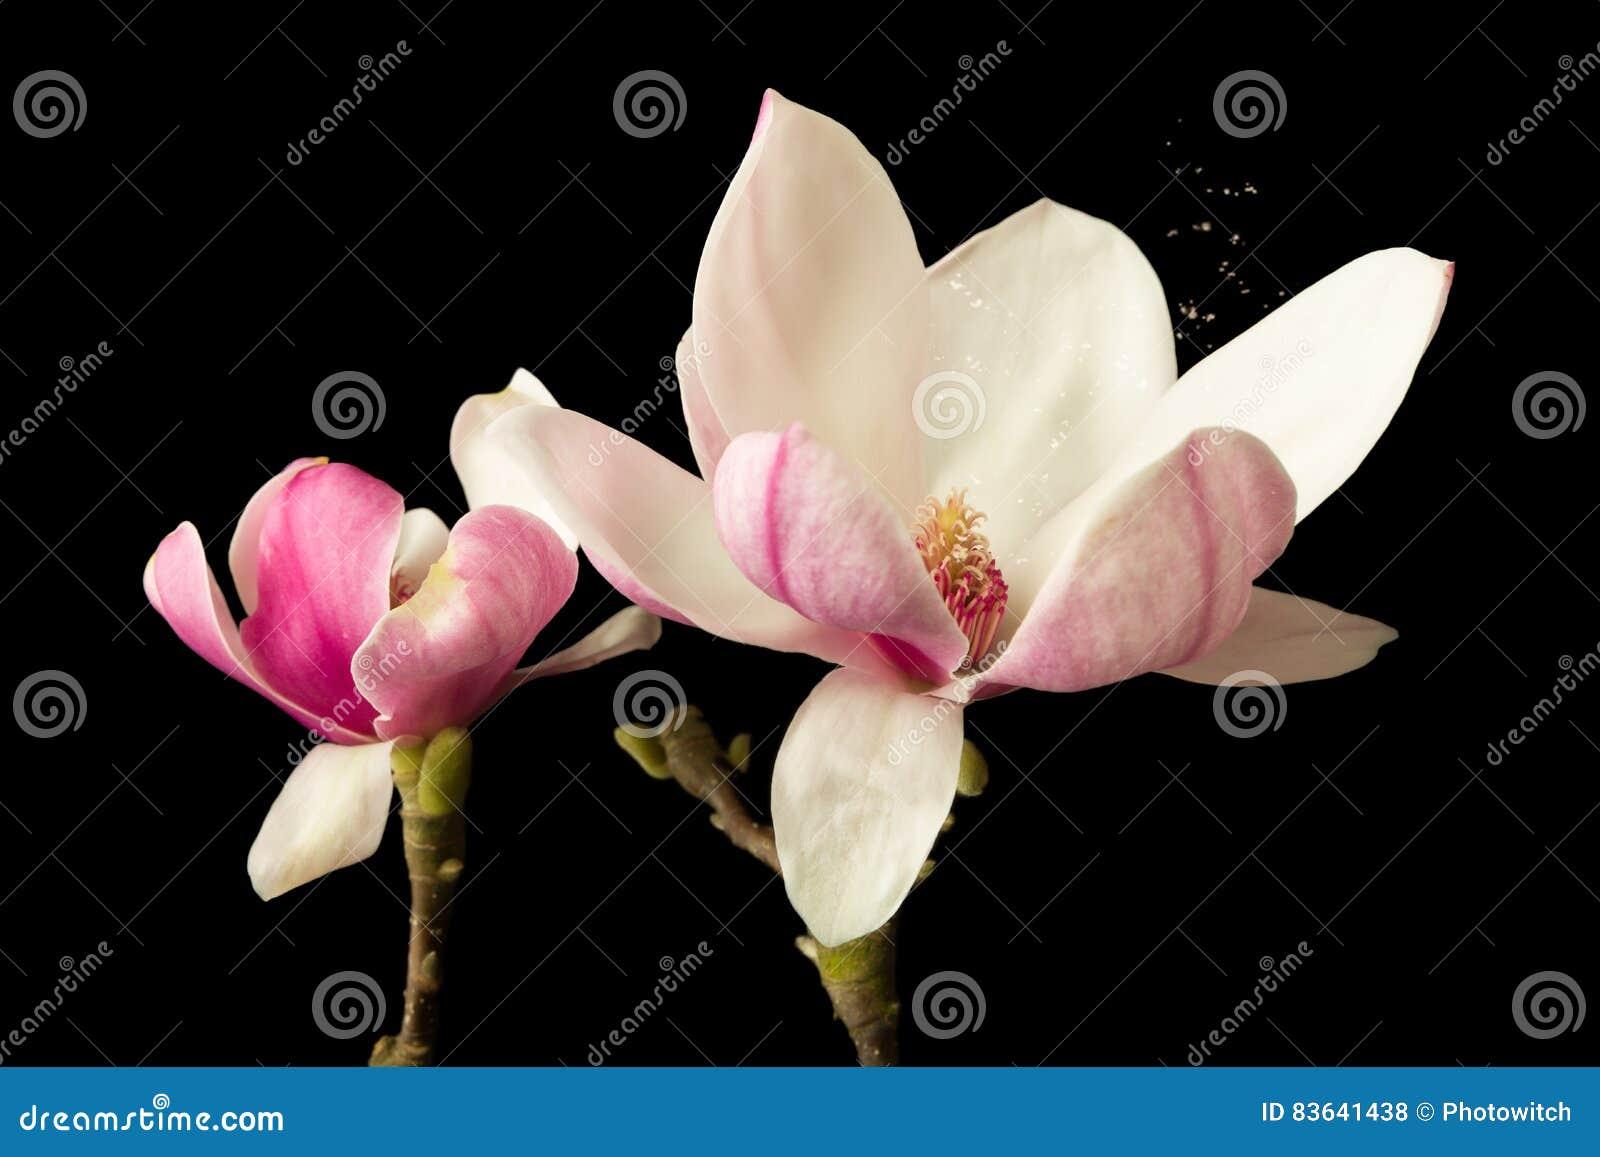 Magnolia pollen causing hay fever